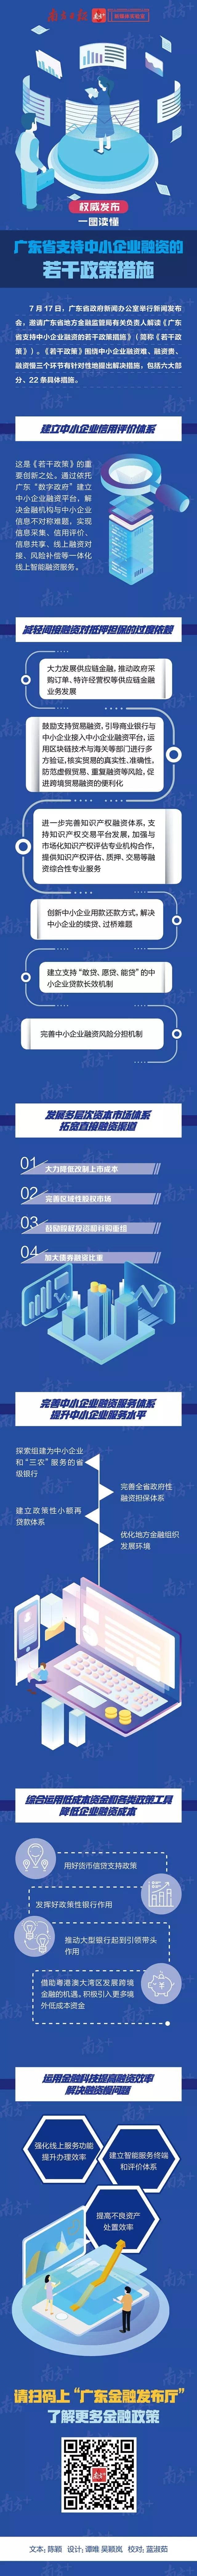 一图读懂  广东出台22条政策措施支持中小企业融资!快来看看有哪些干货.jpg